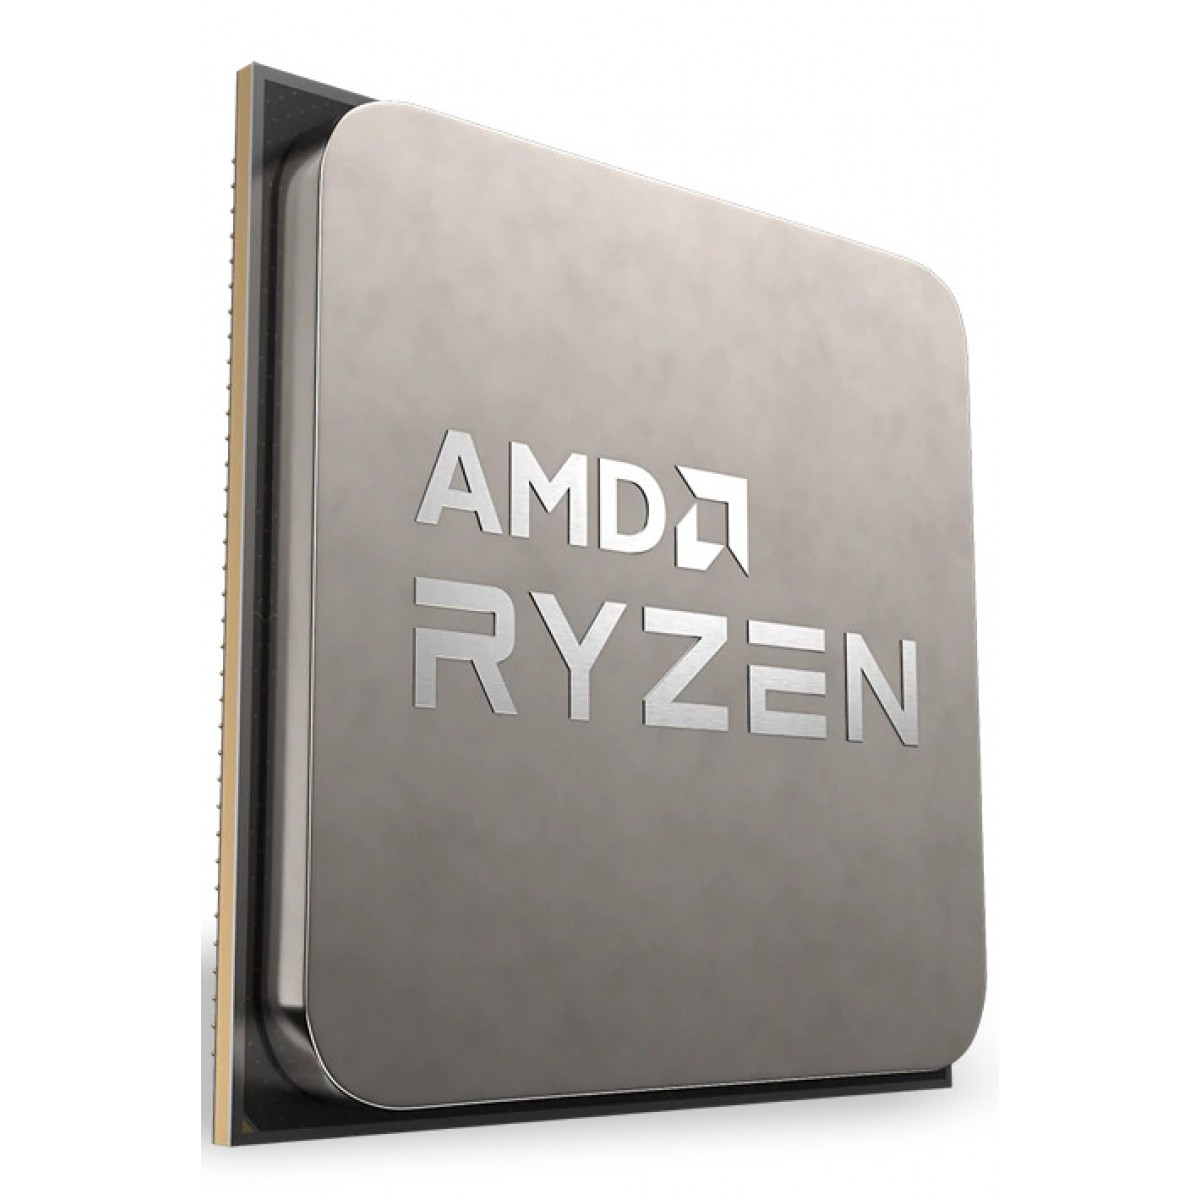 Processador AMD Ryzen 7 5800X 3.8GHz (4.7GHz Turbo), 8-Cores 16-Threads, AM4, Sem Cooler